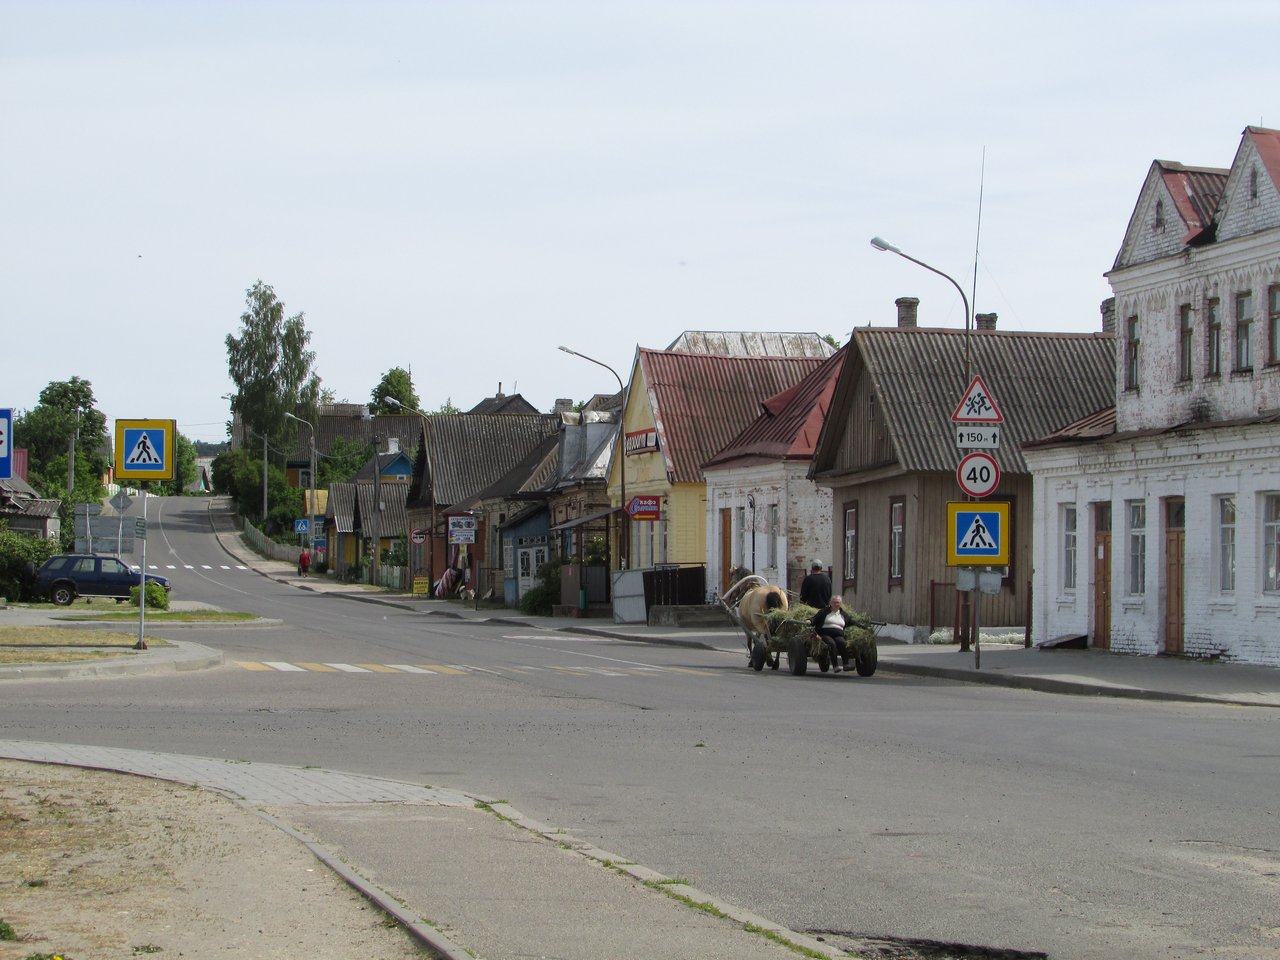 Типичная белорусская деревенская улочка